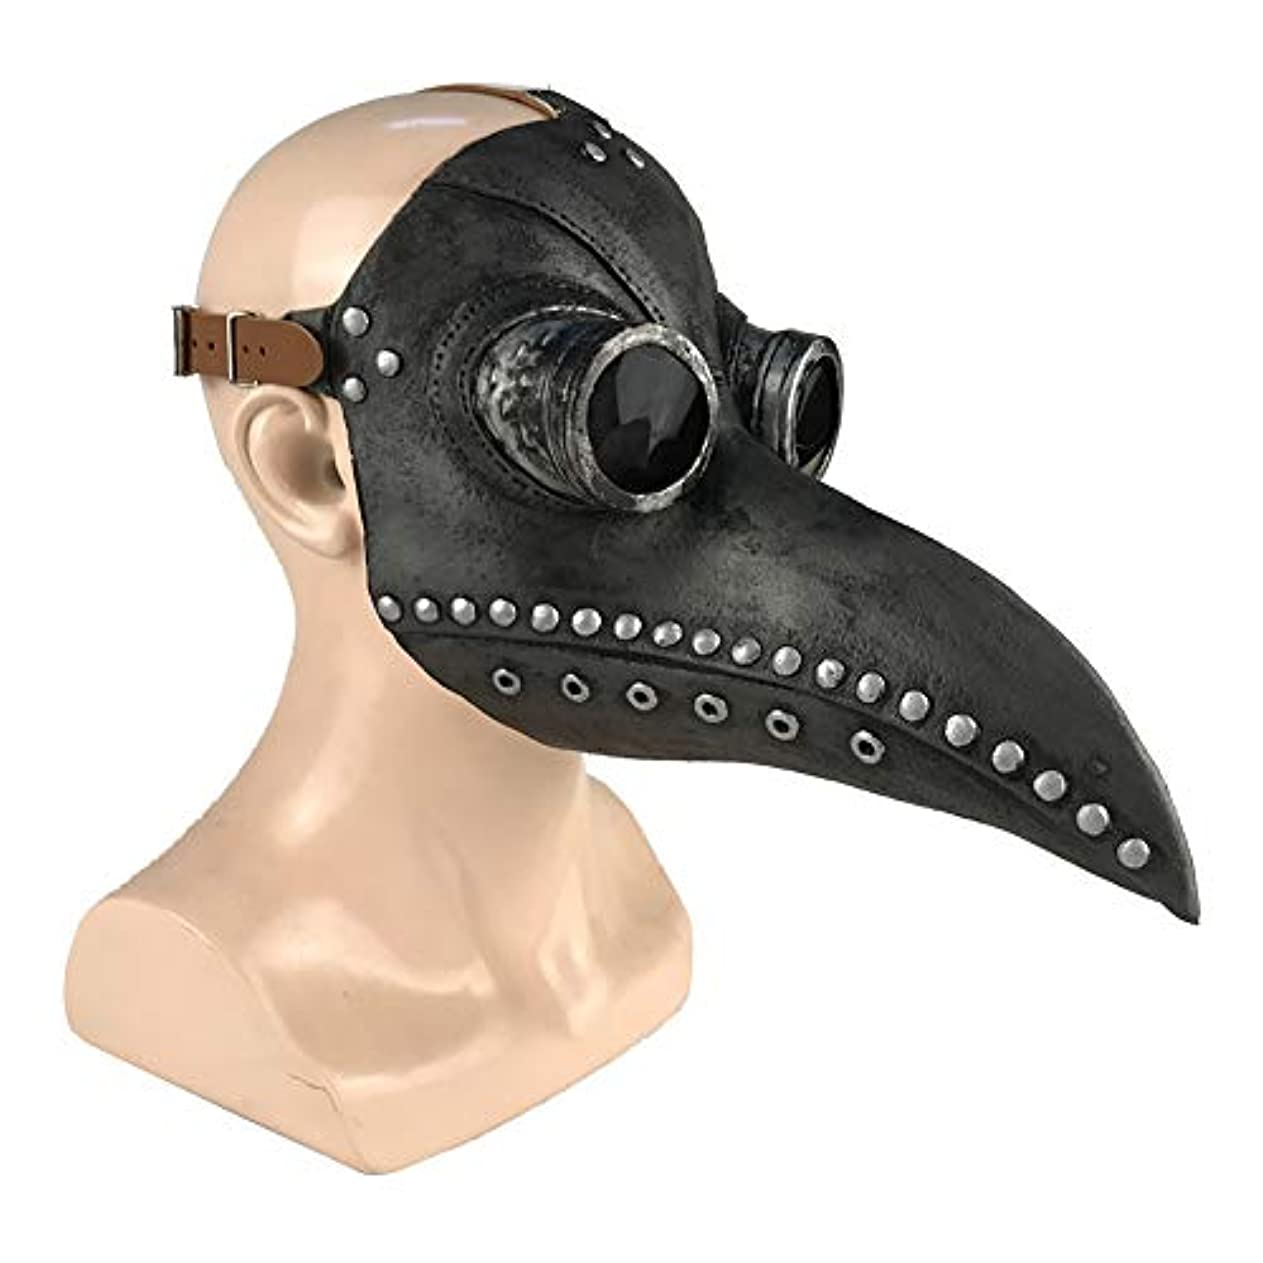 喉頭可能性適性Esolom ハロウィンマスク ペストスチーム喙ドクターマスク ホリデーパーティー用品 黒 銅の爪 ホラーマスク ハロウィンデコレーション 通気性